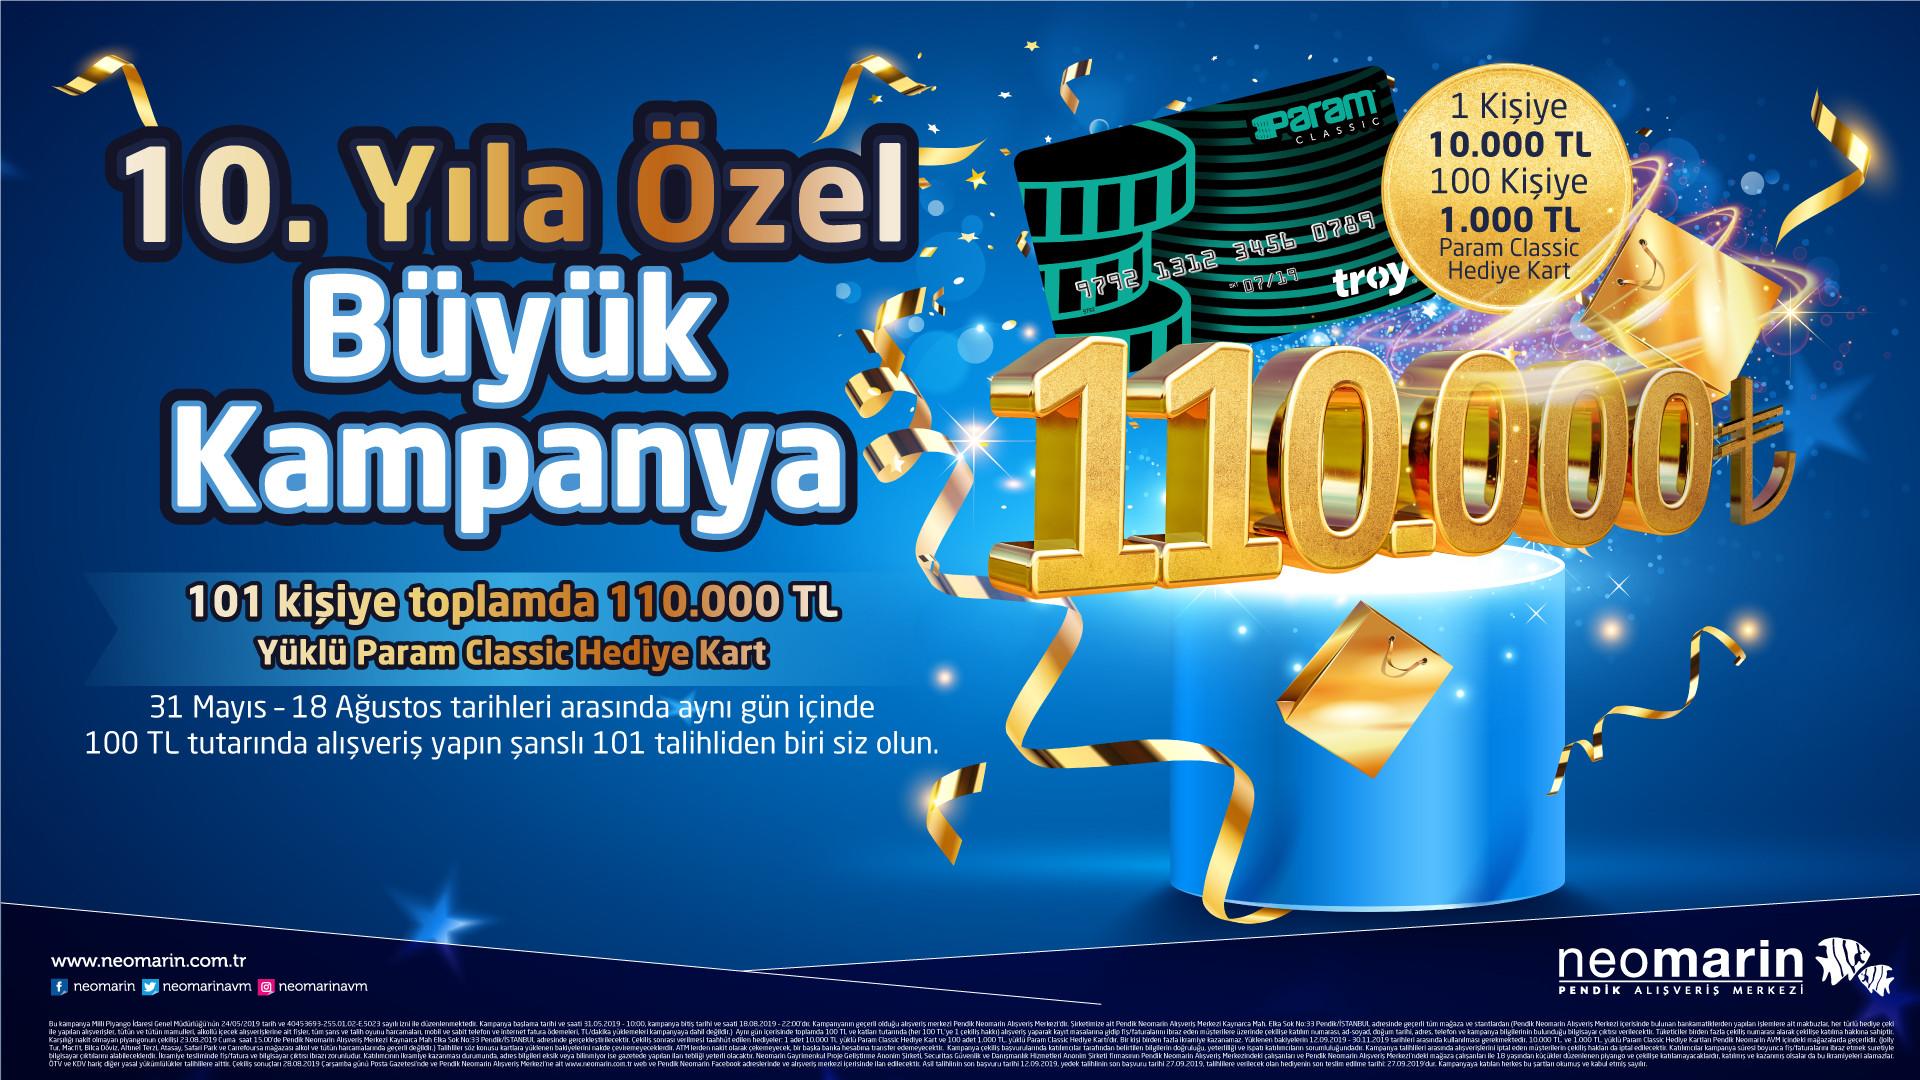 10. Yıla Özel Büyük Kampanya